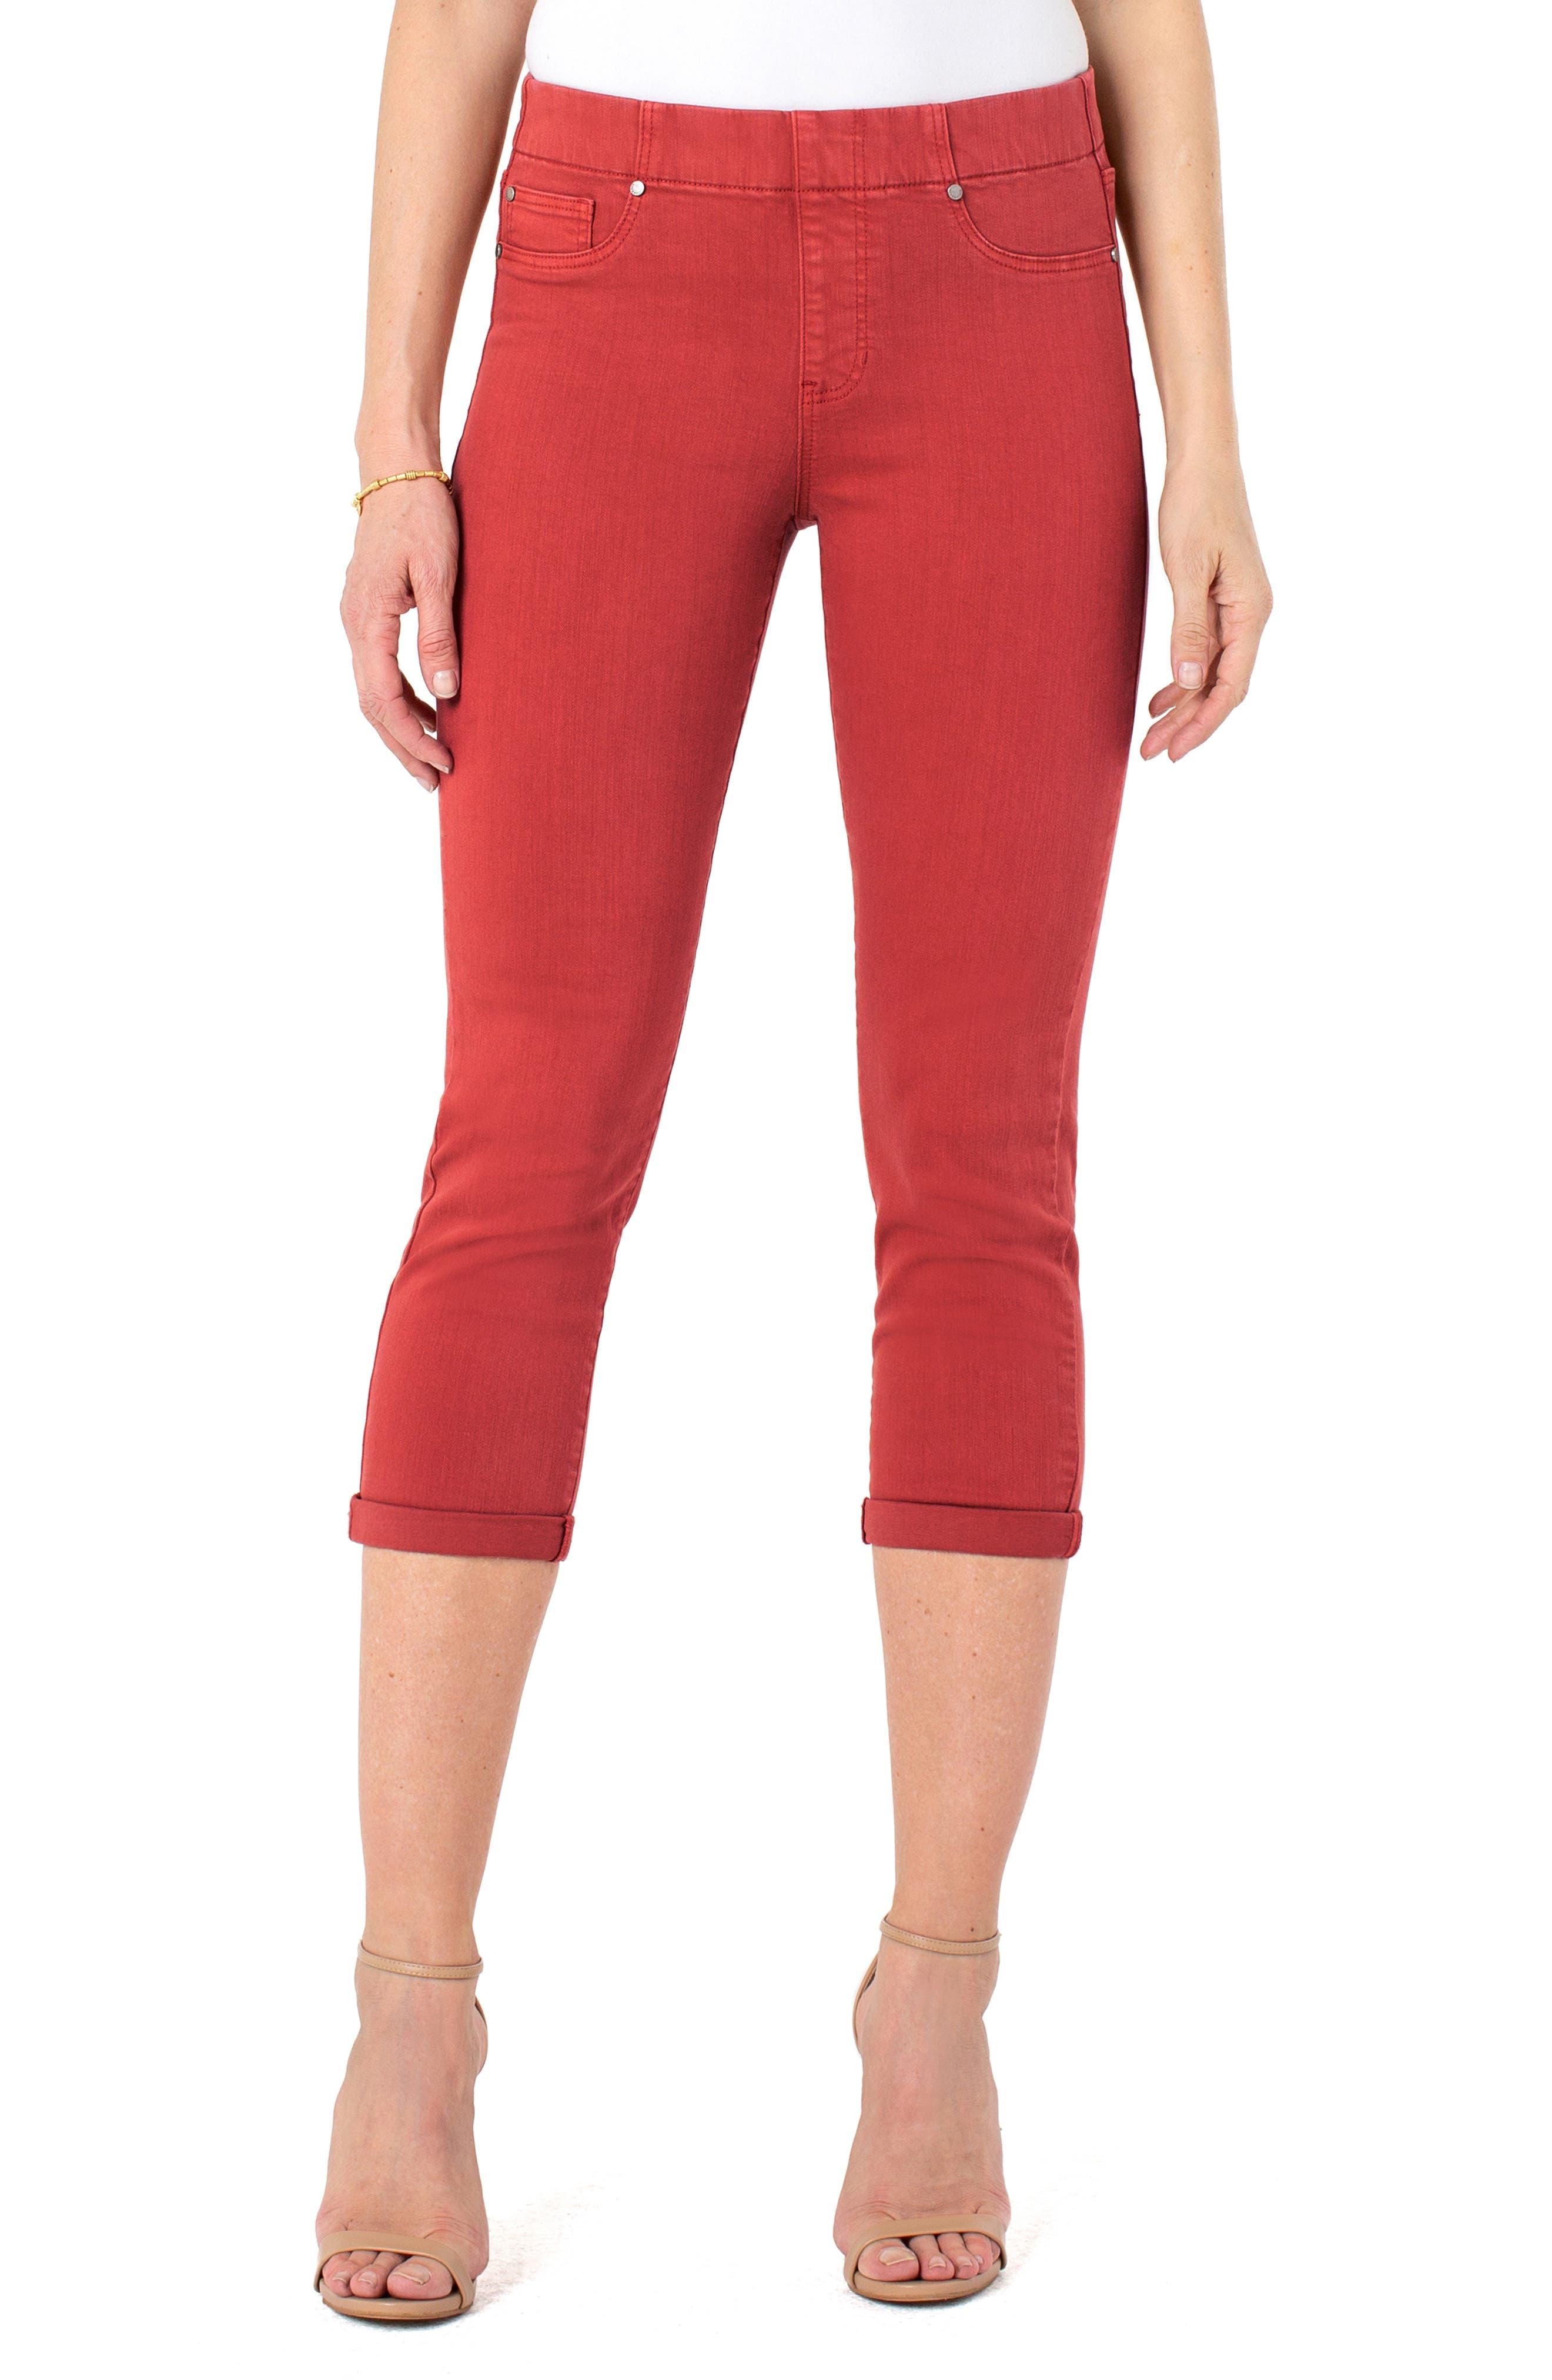 Los Angeles Chloe High Waist Crop Pull-On Skinny Jeans